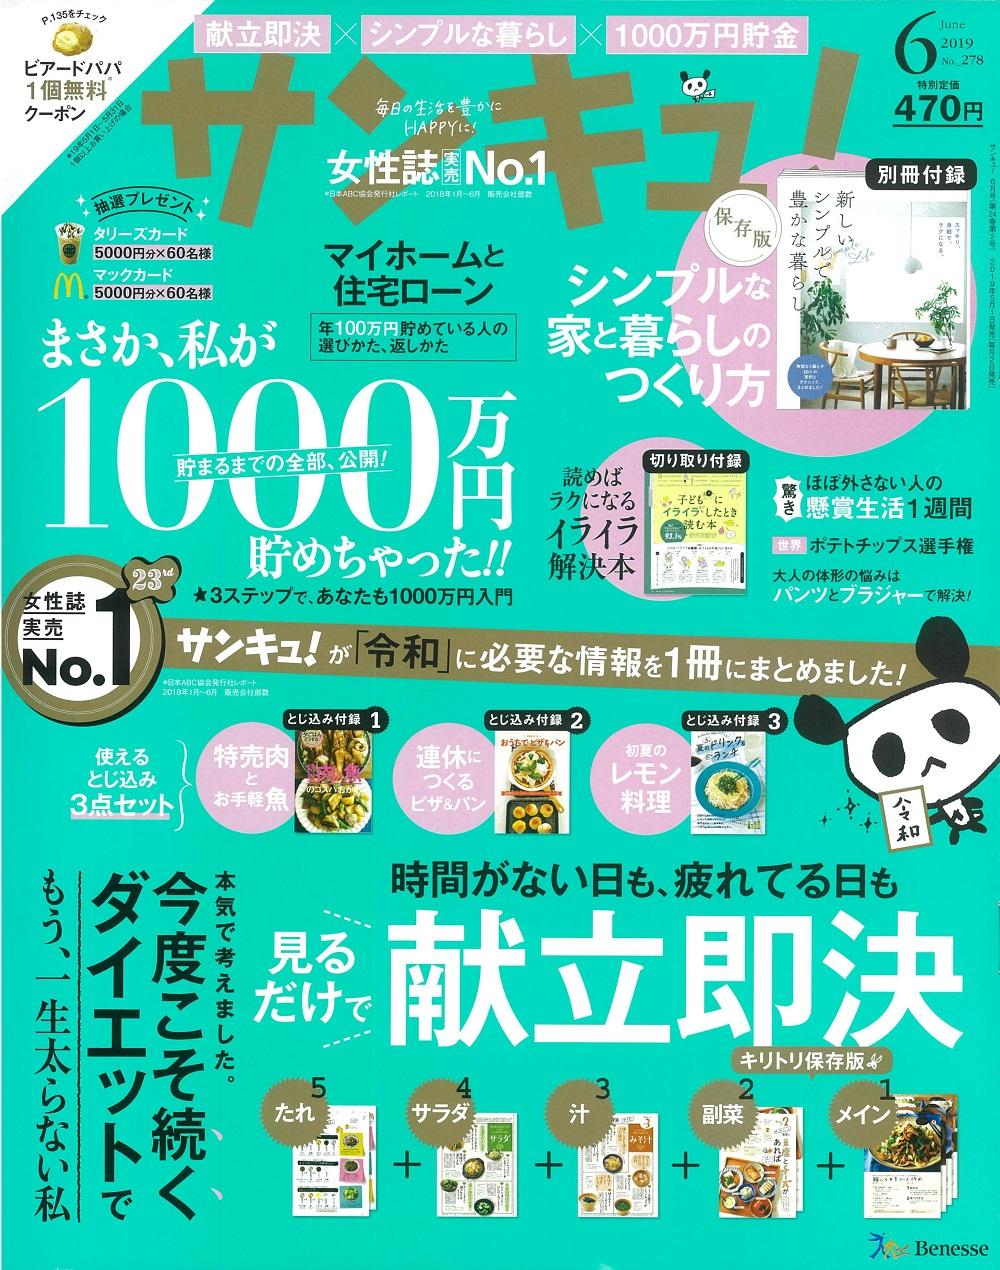 201905サンキュ!6月号_COVER.jpg